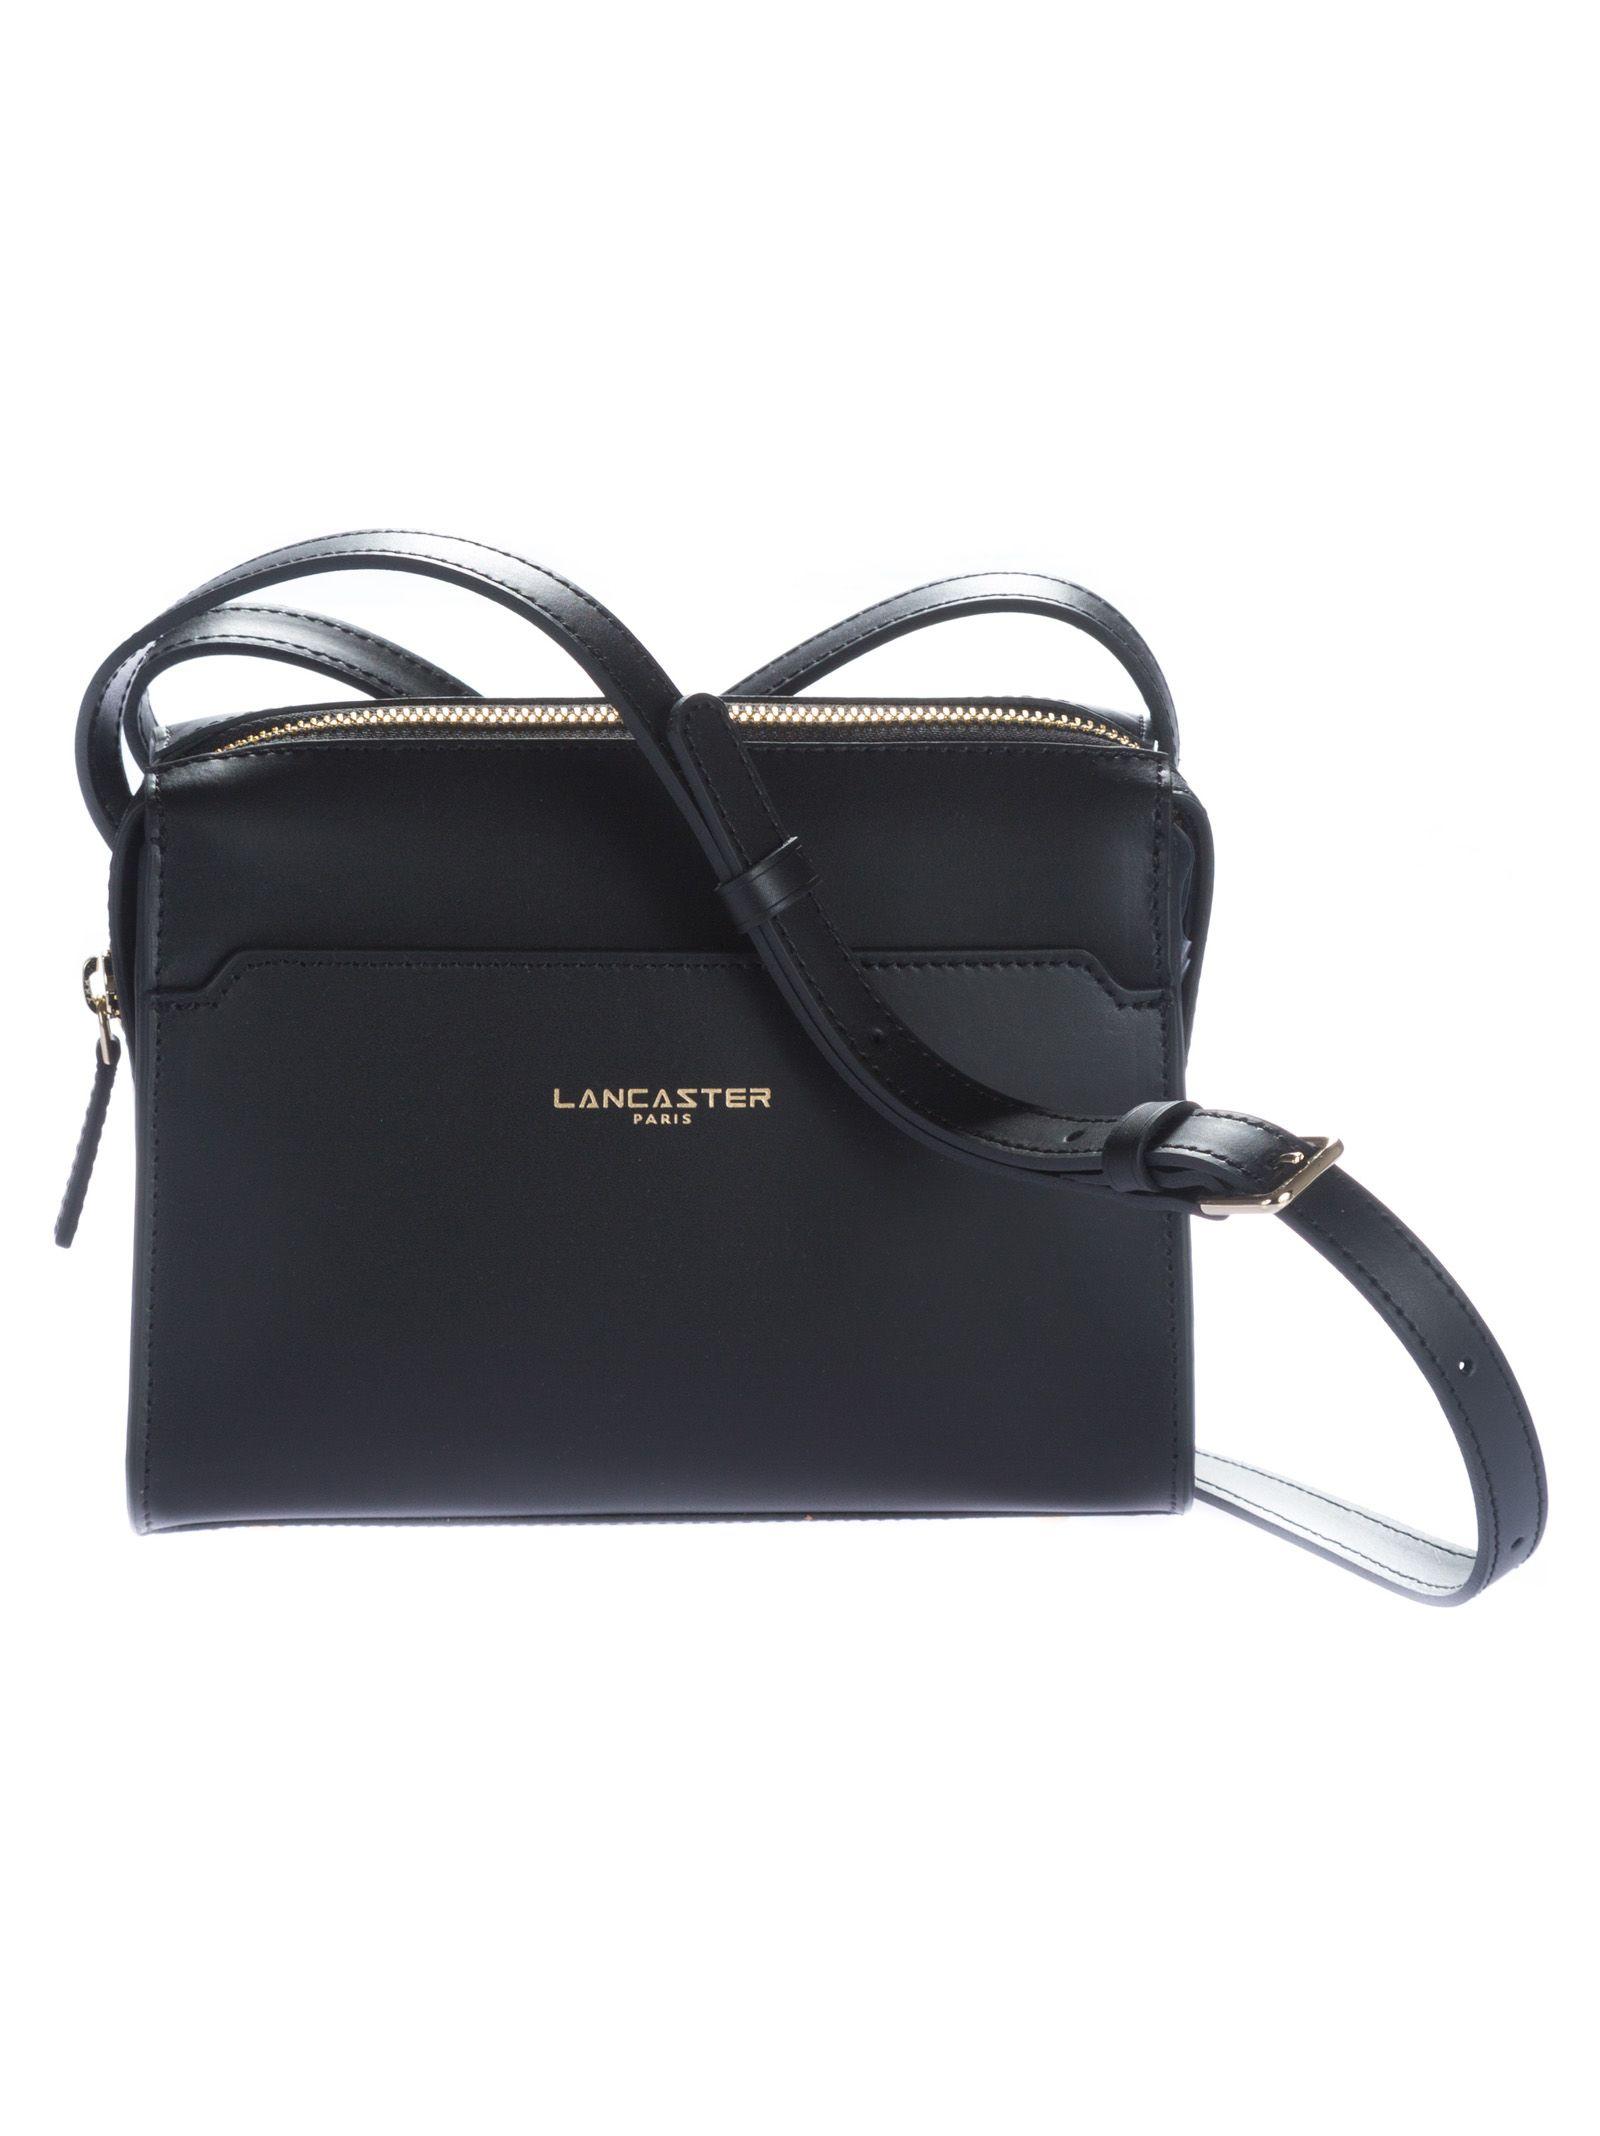 Shoulder Bag for Women, Black, Leather, 2017, one size Lancaster